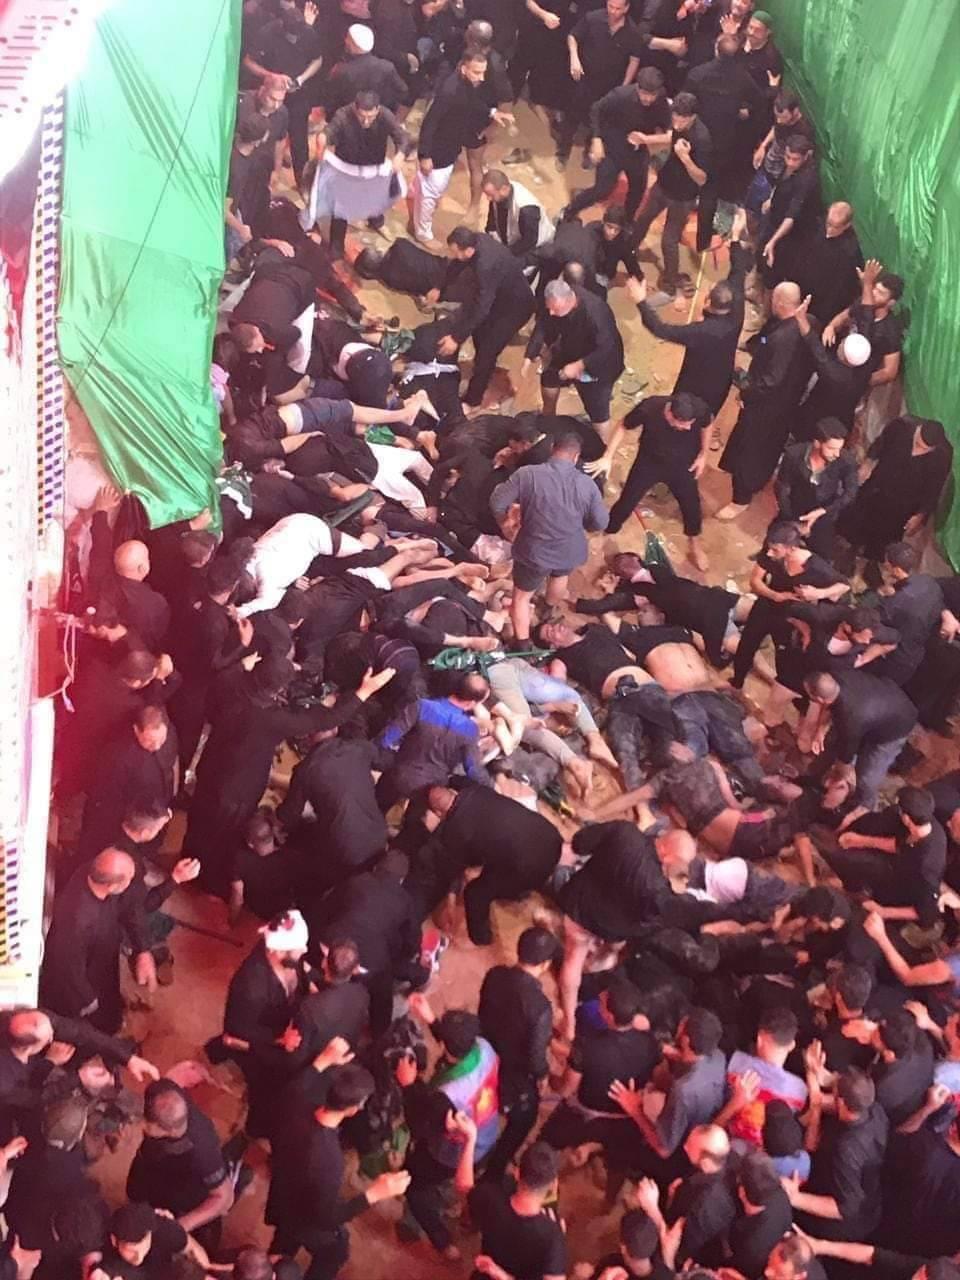 """العتبة الحسينية لـ """"ناس"""": لا صحة لأنباء انهيار سرداب.. وندعو الإعلام لزيارة باب الرجاء"""